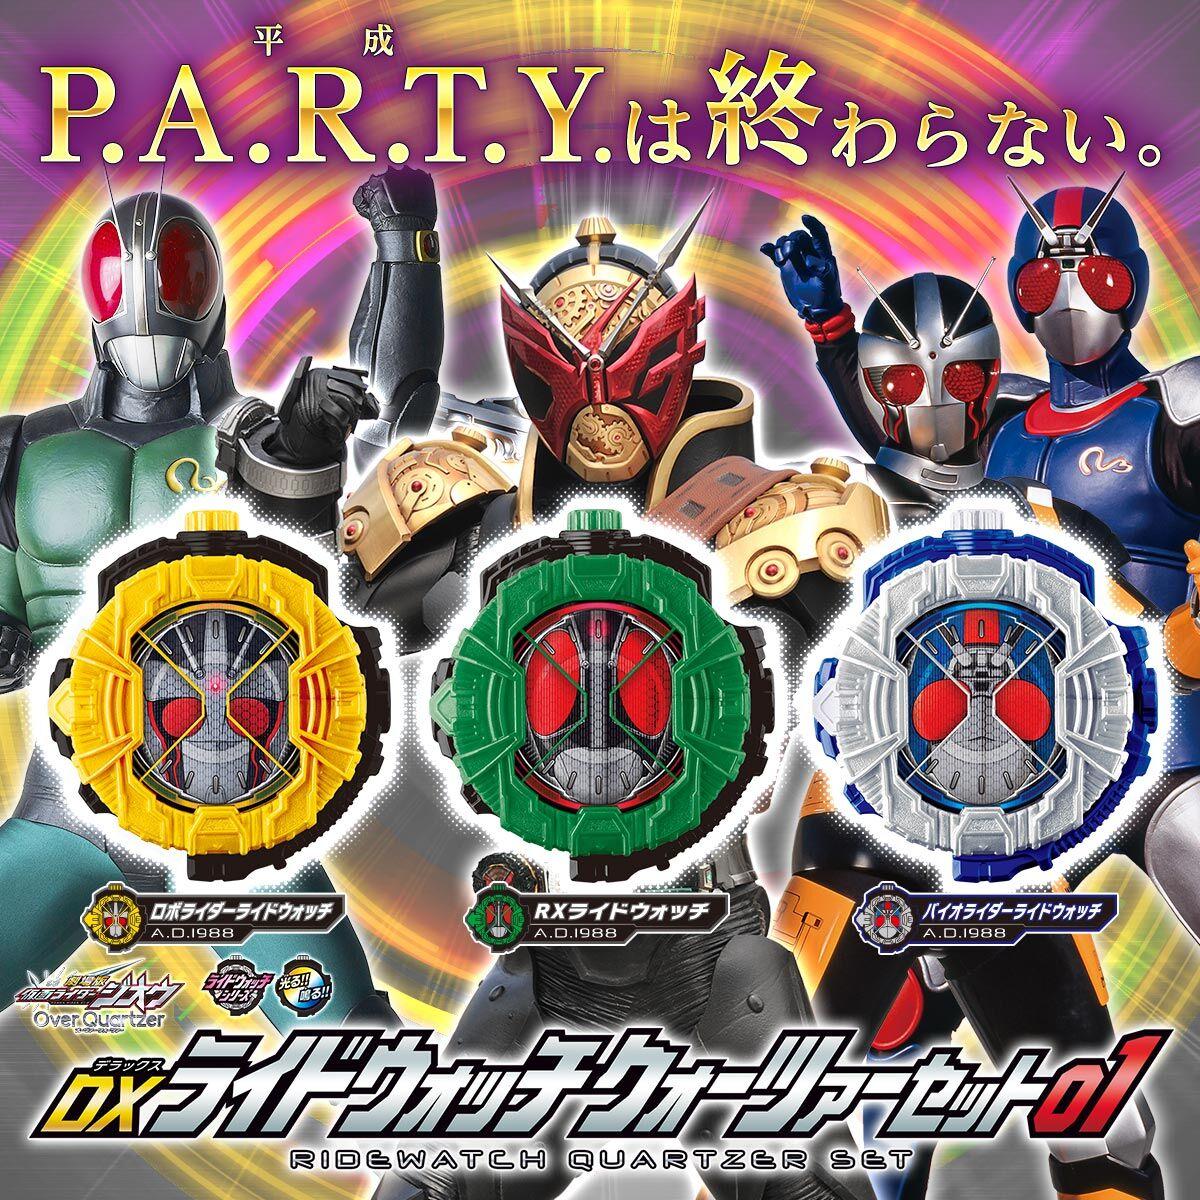 【限定販売】仮面ライダージオウ『DXライドウォッチ クォーツァーセット01』変身なりきり-001